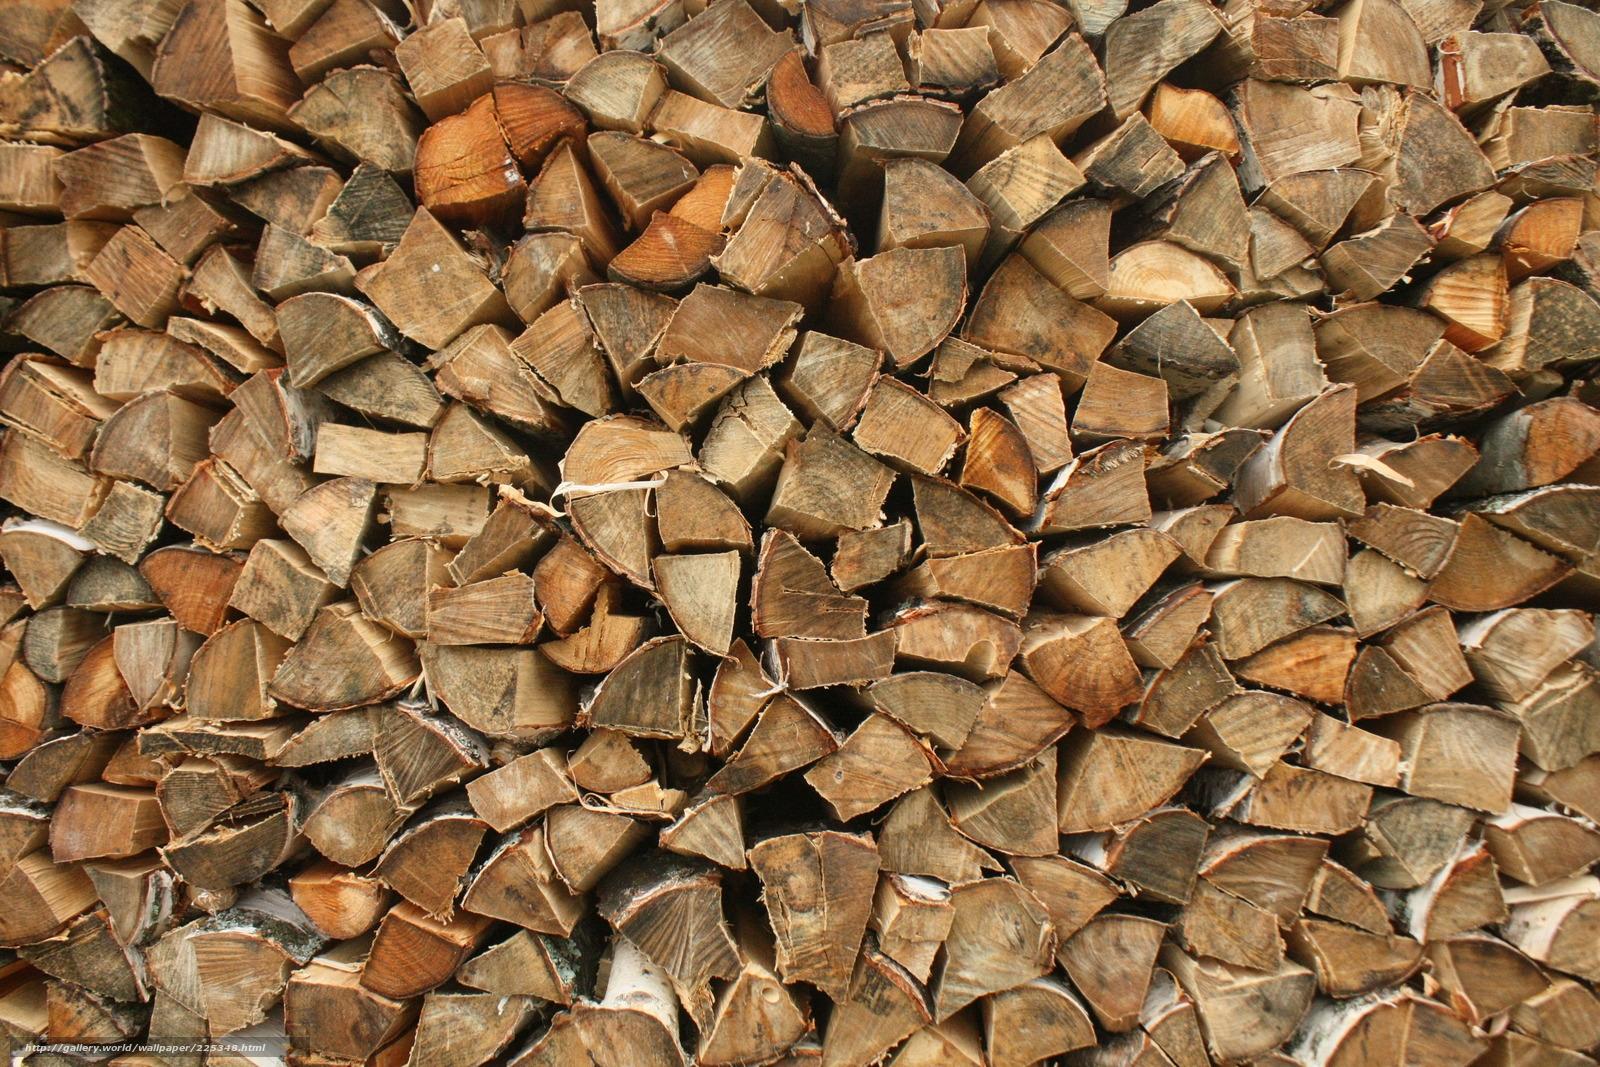 tlcharger fond d 39 ecran bois de chauffage arbre bouleau. Black Bedroom Furniture Sets. Home Design Ideas